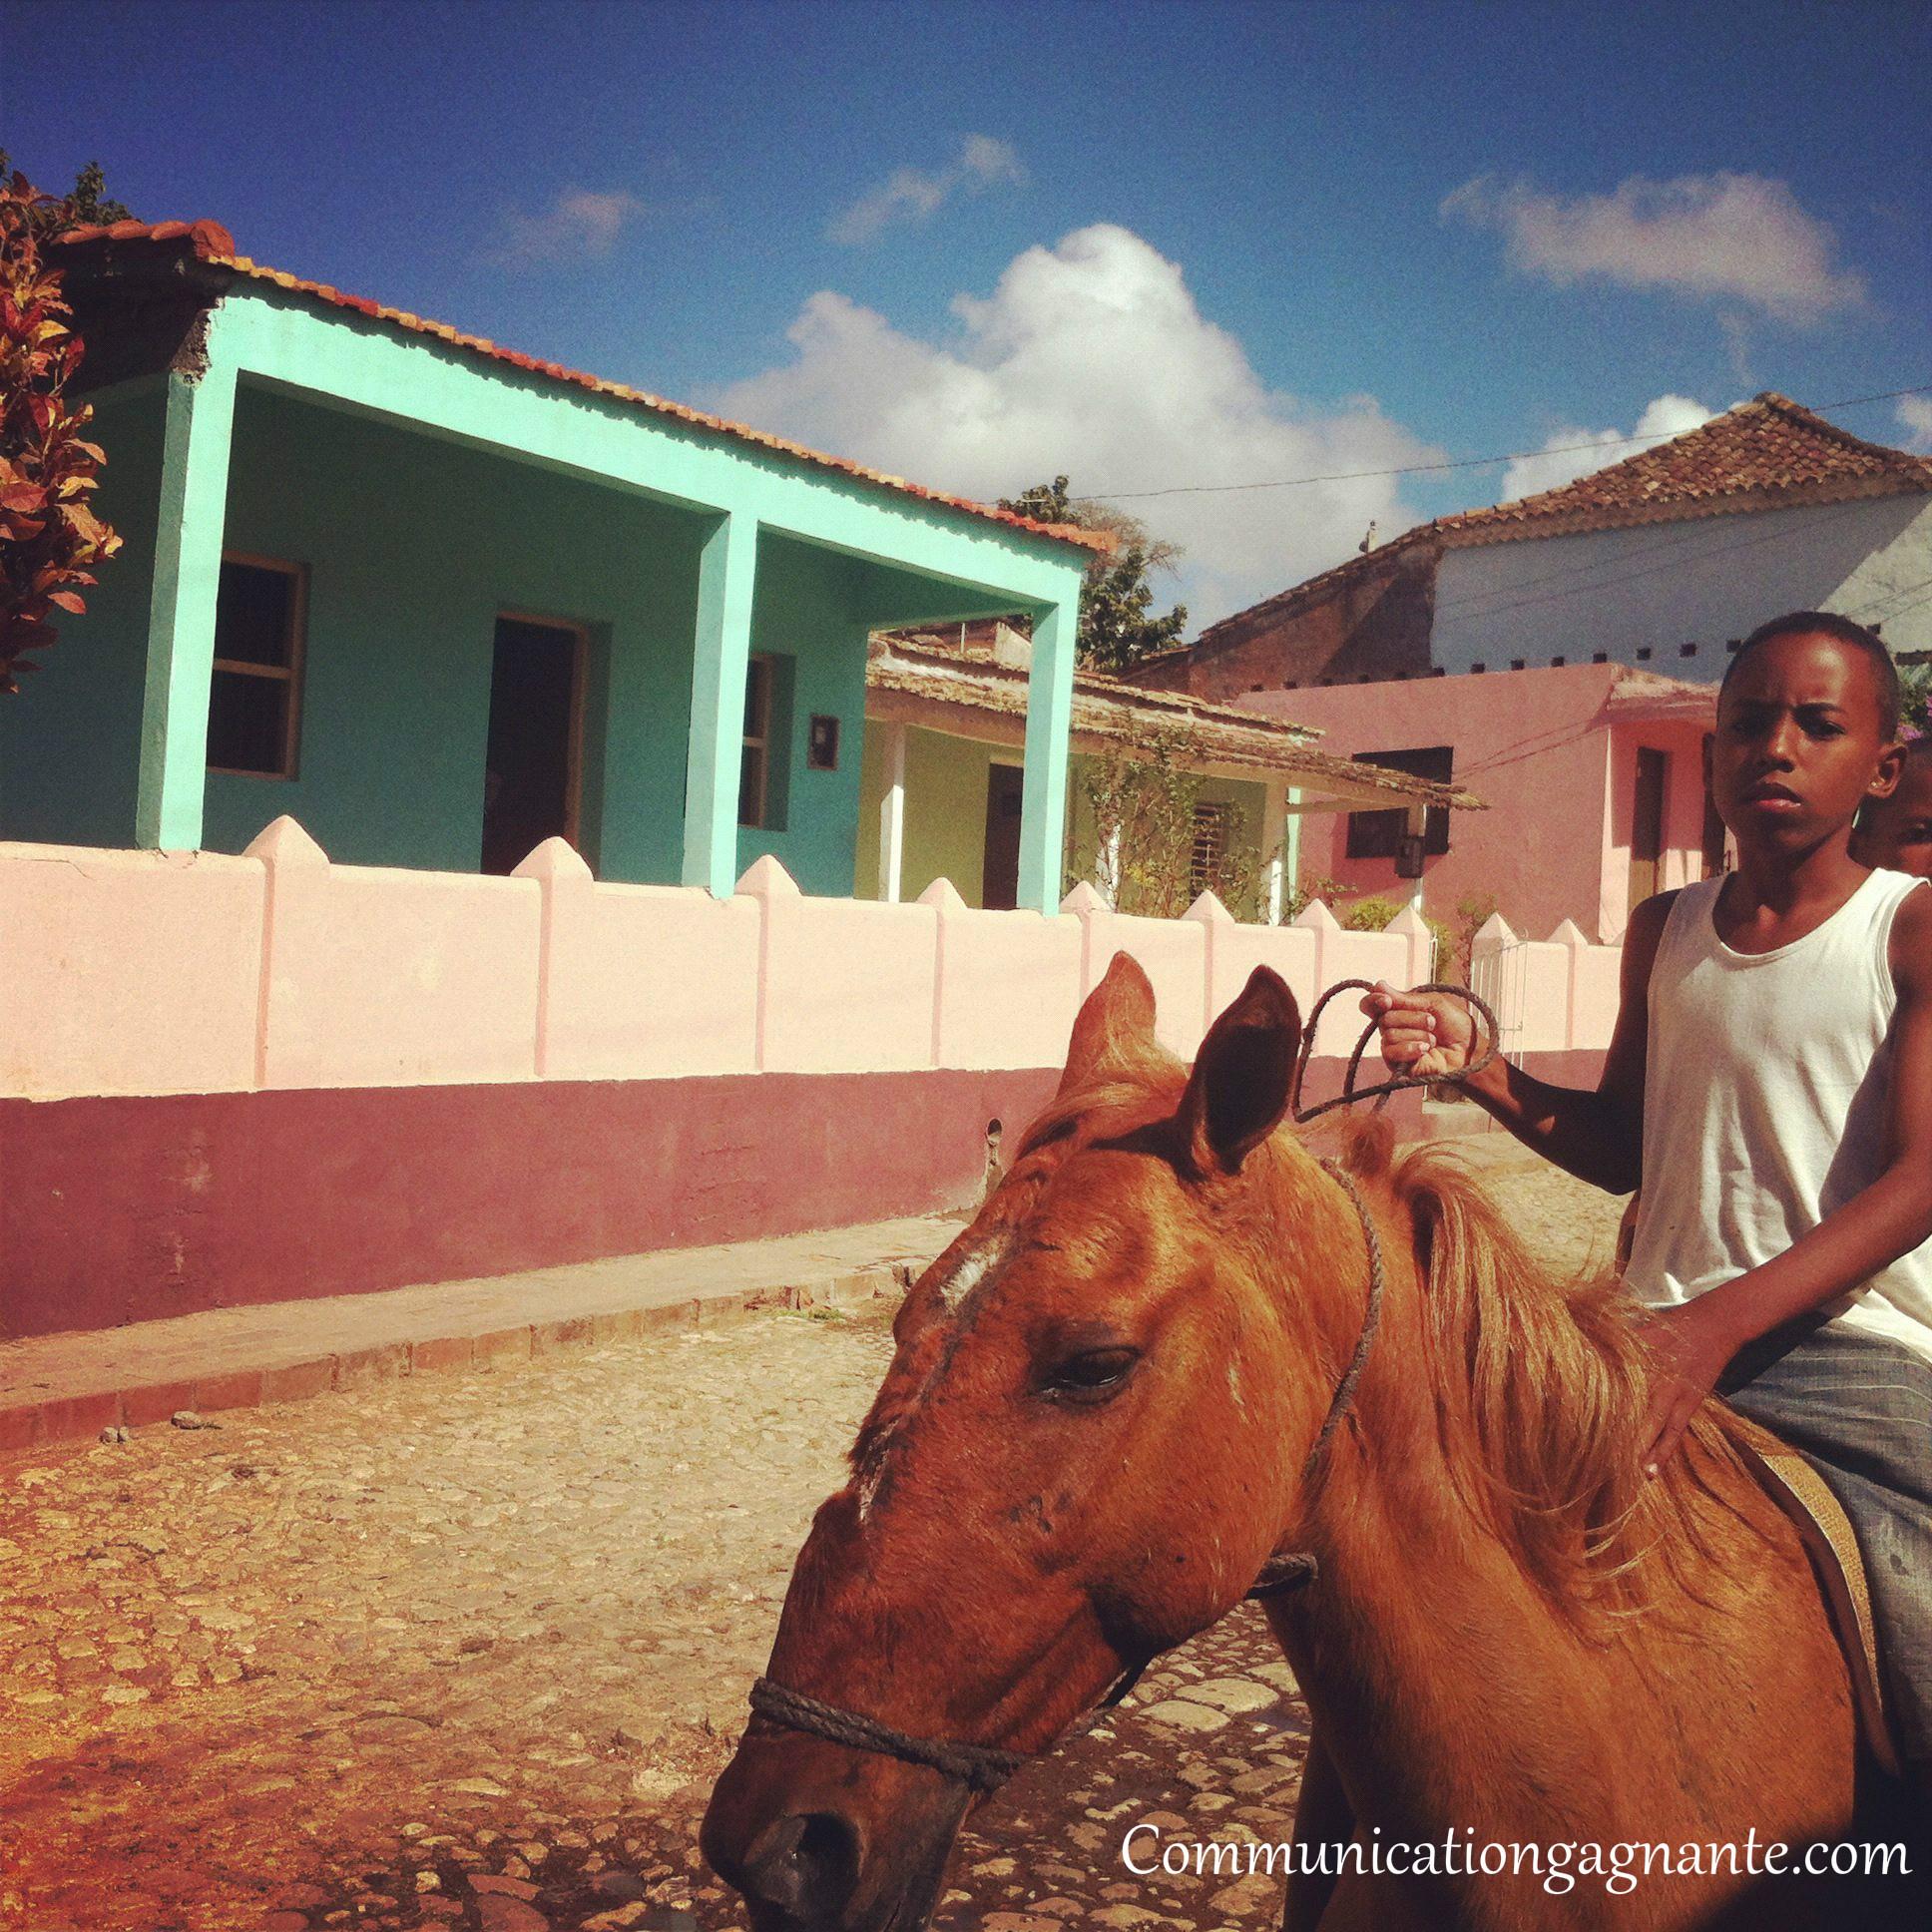 enfant-à-cheval-Cuba